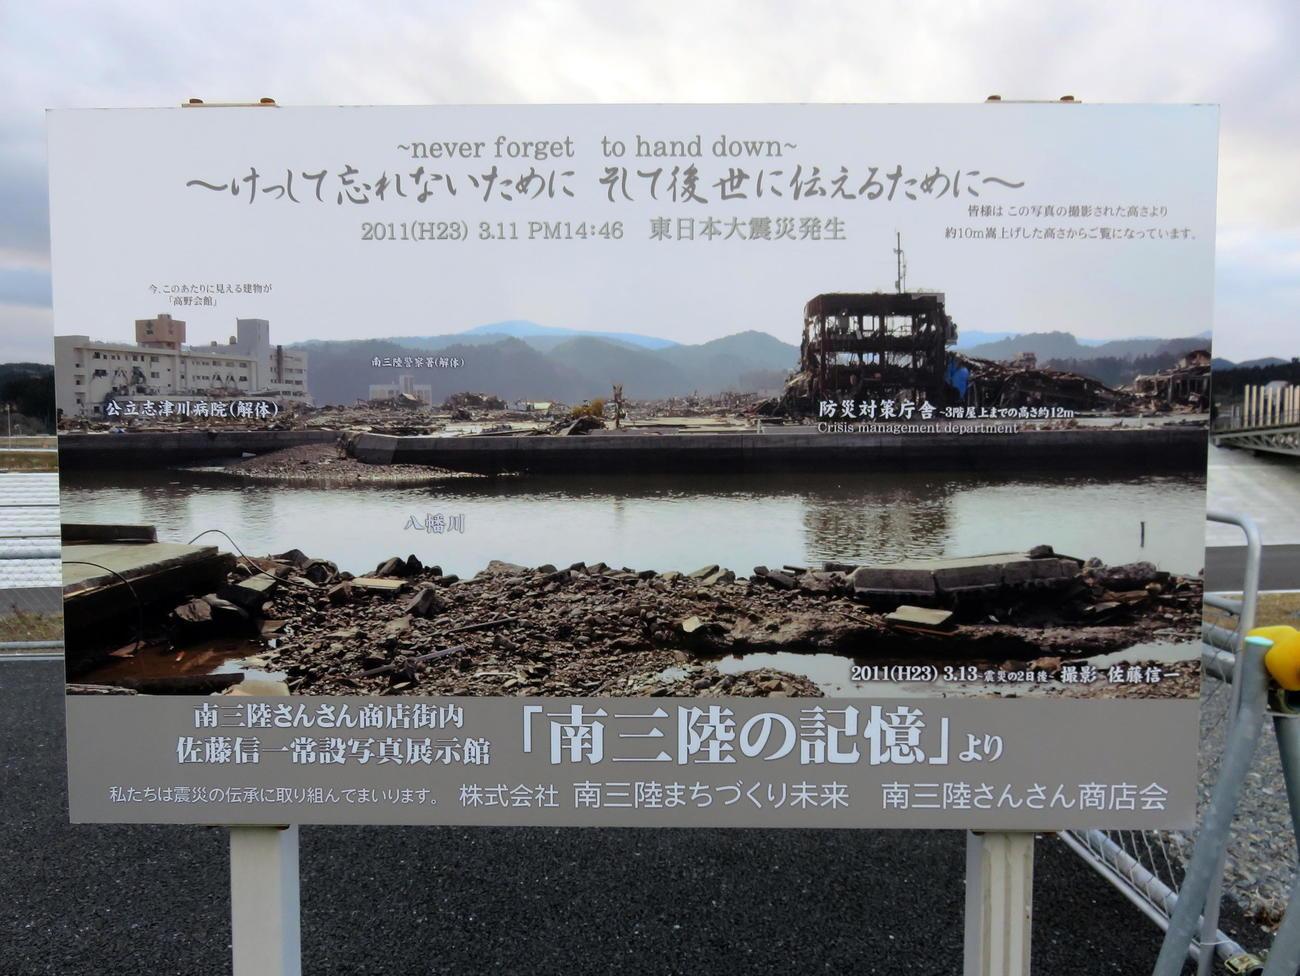 南三陸町の震災時の様子を伝える写真看板(撮影・鎌田直秀)